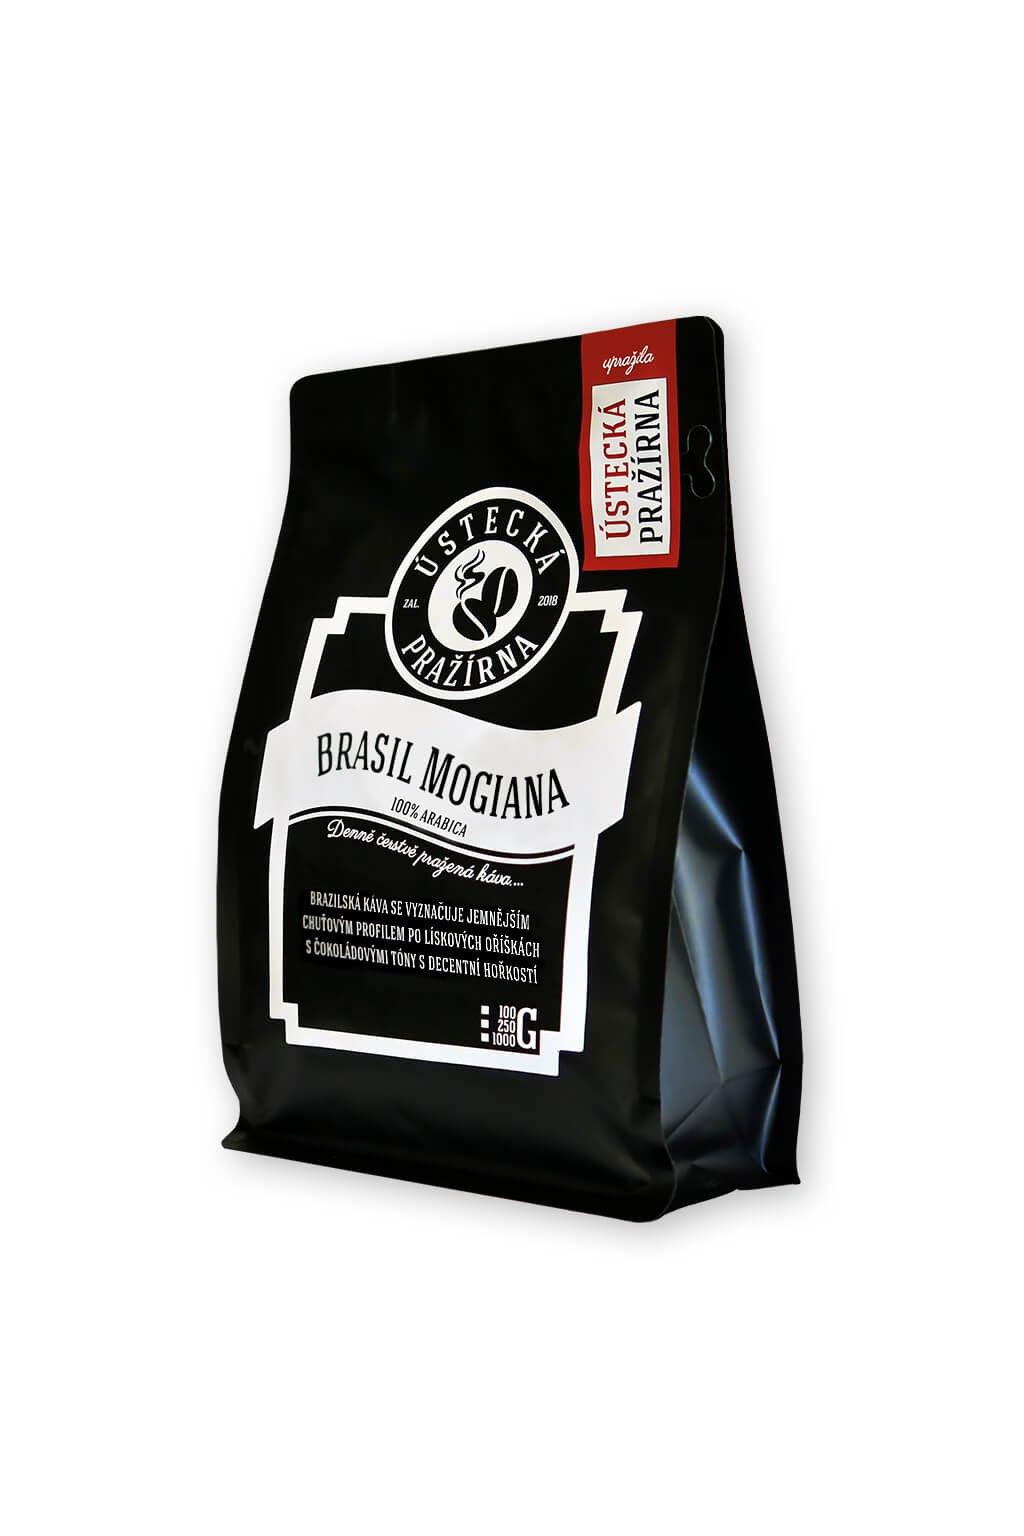 01 01 01 01 brasil mogiana